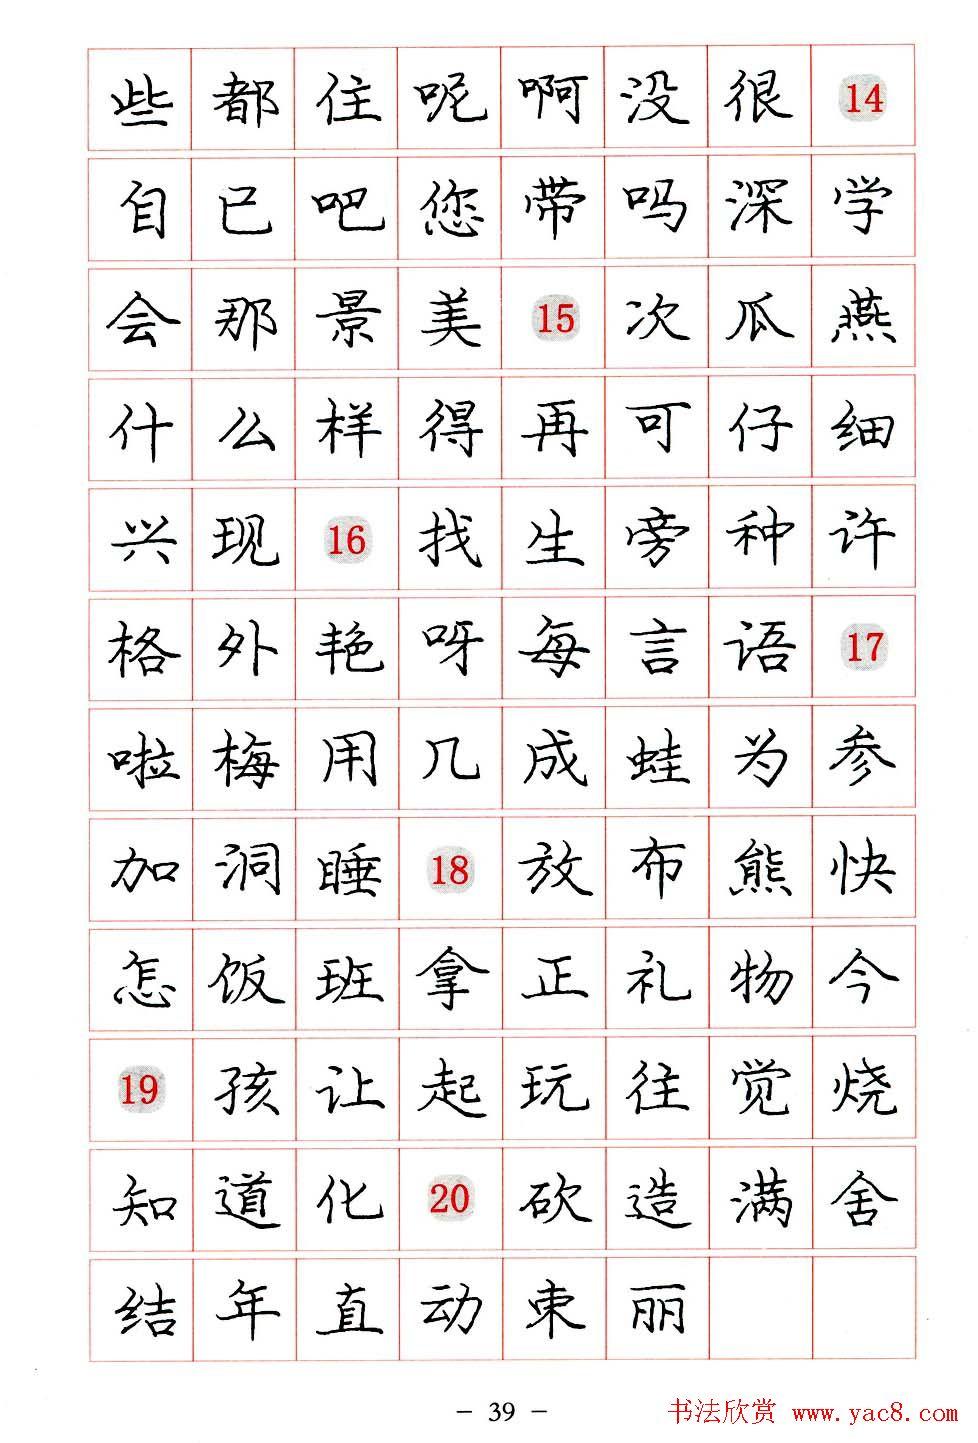 庞中华楷书规范字帖下载.pdf(39)